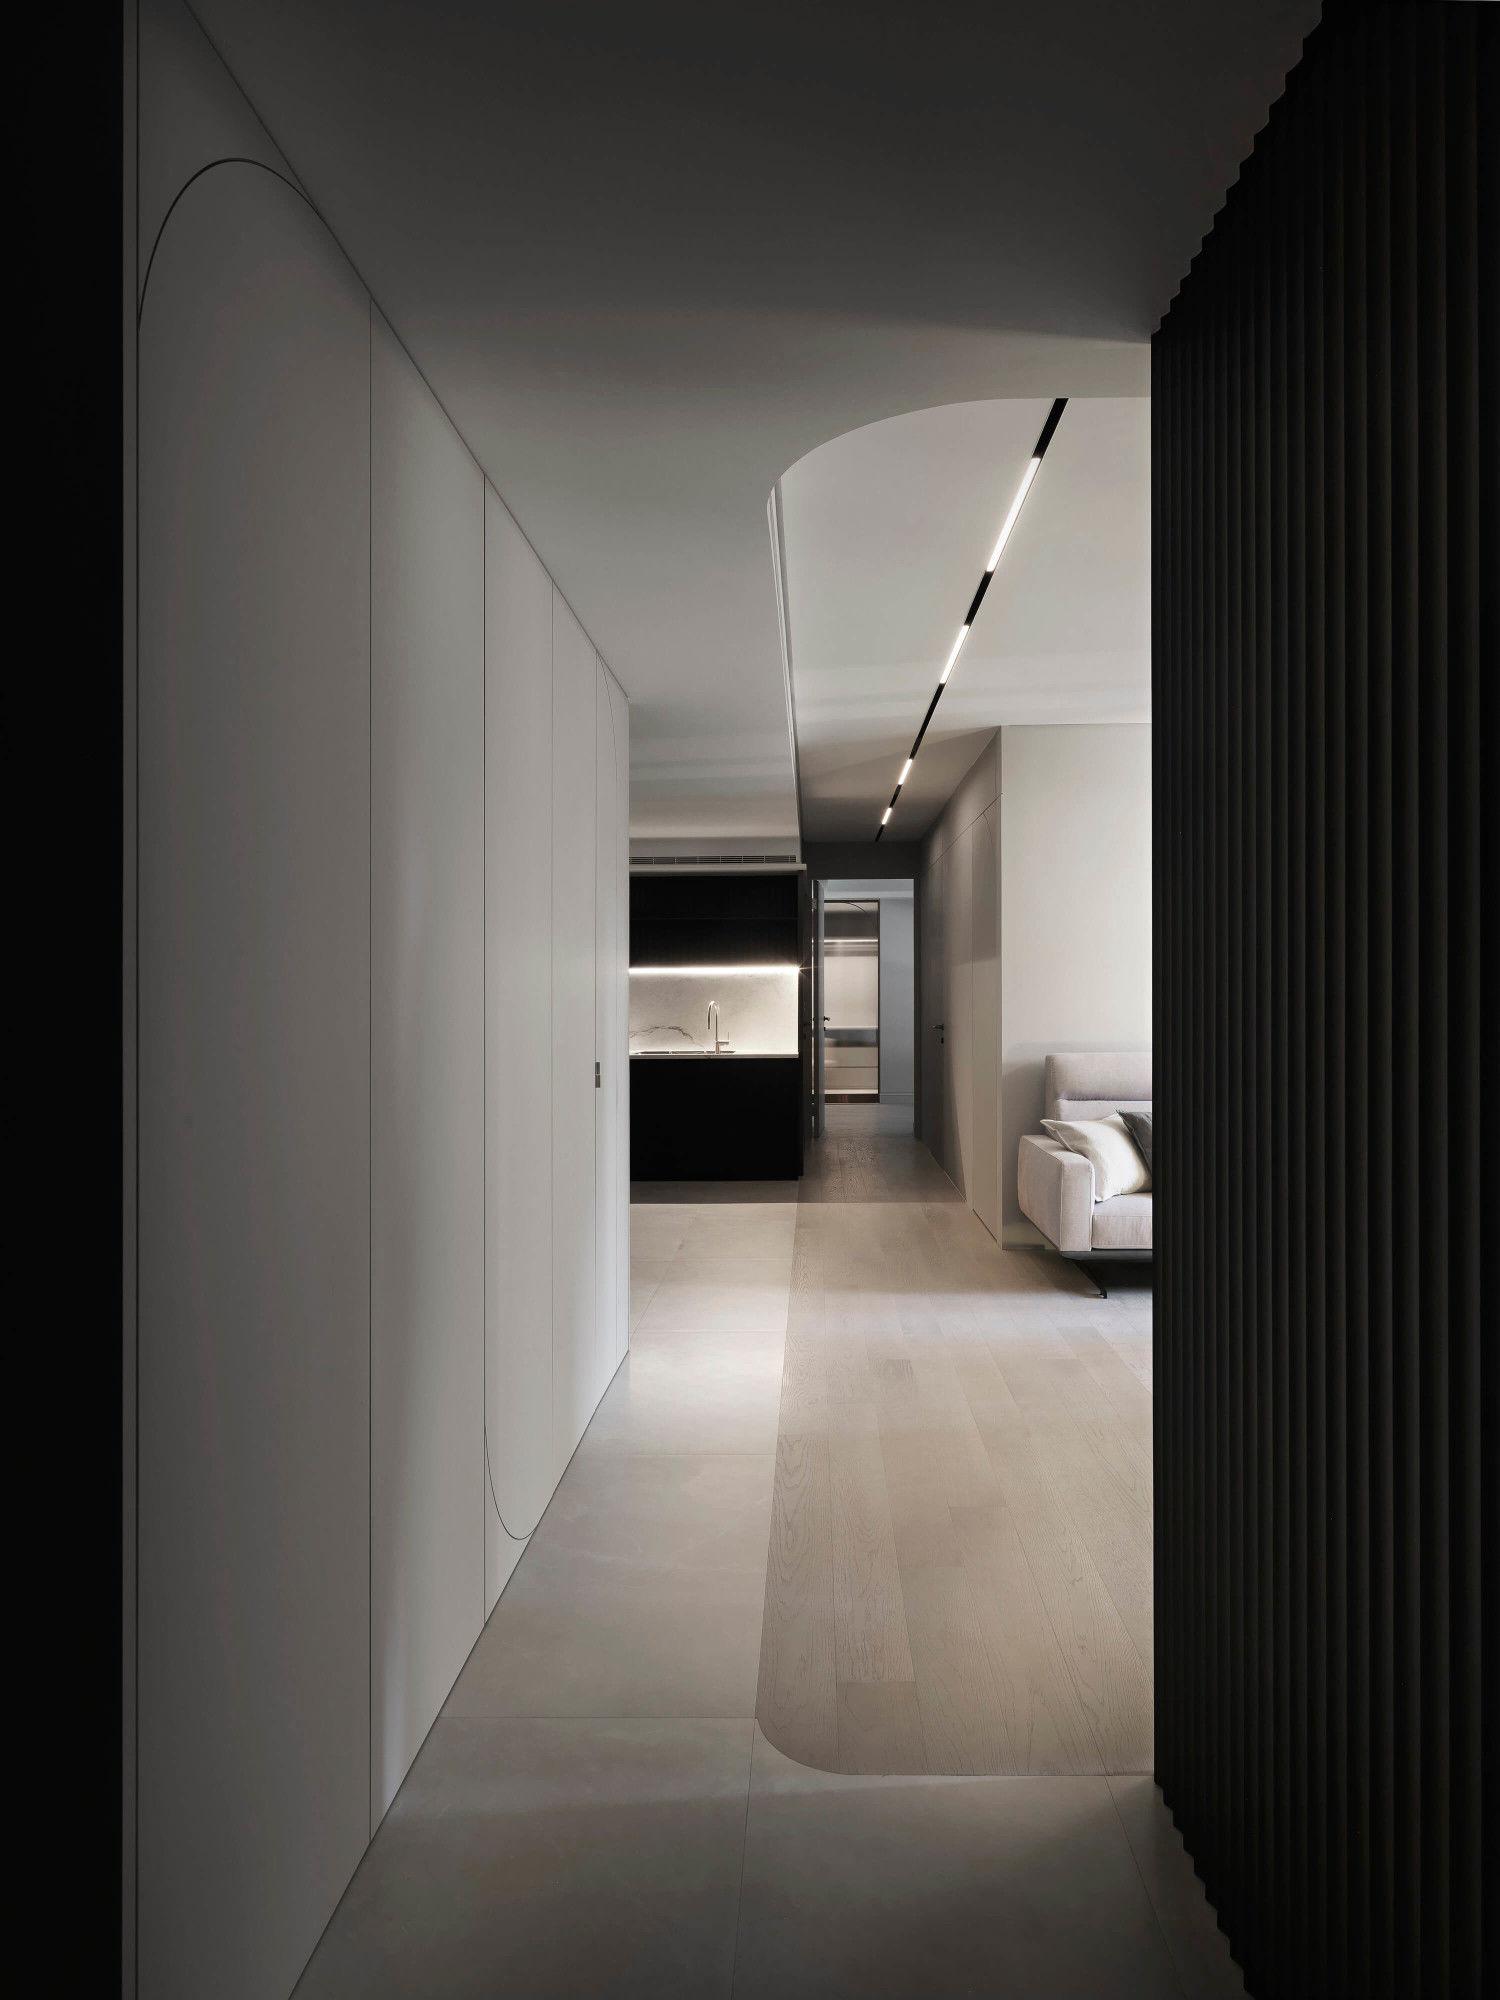 台中分子設計-現代風設計師-台中七期室內設計-電梯大樓整體規劃-客廳、地板拼接